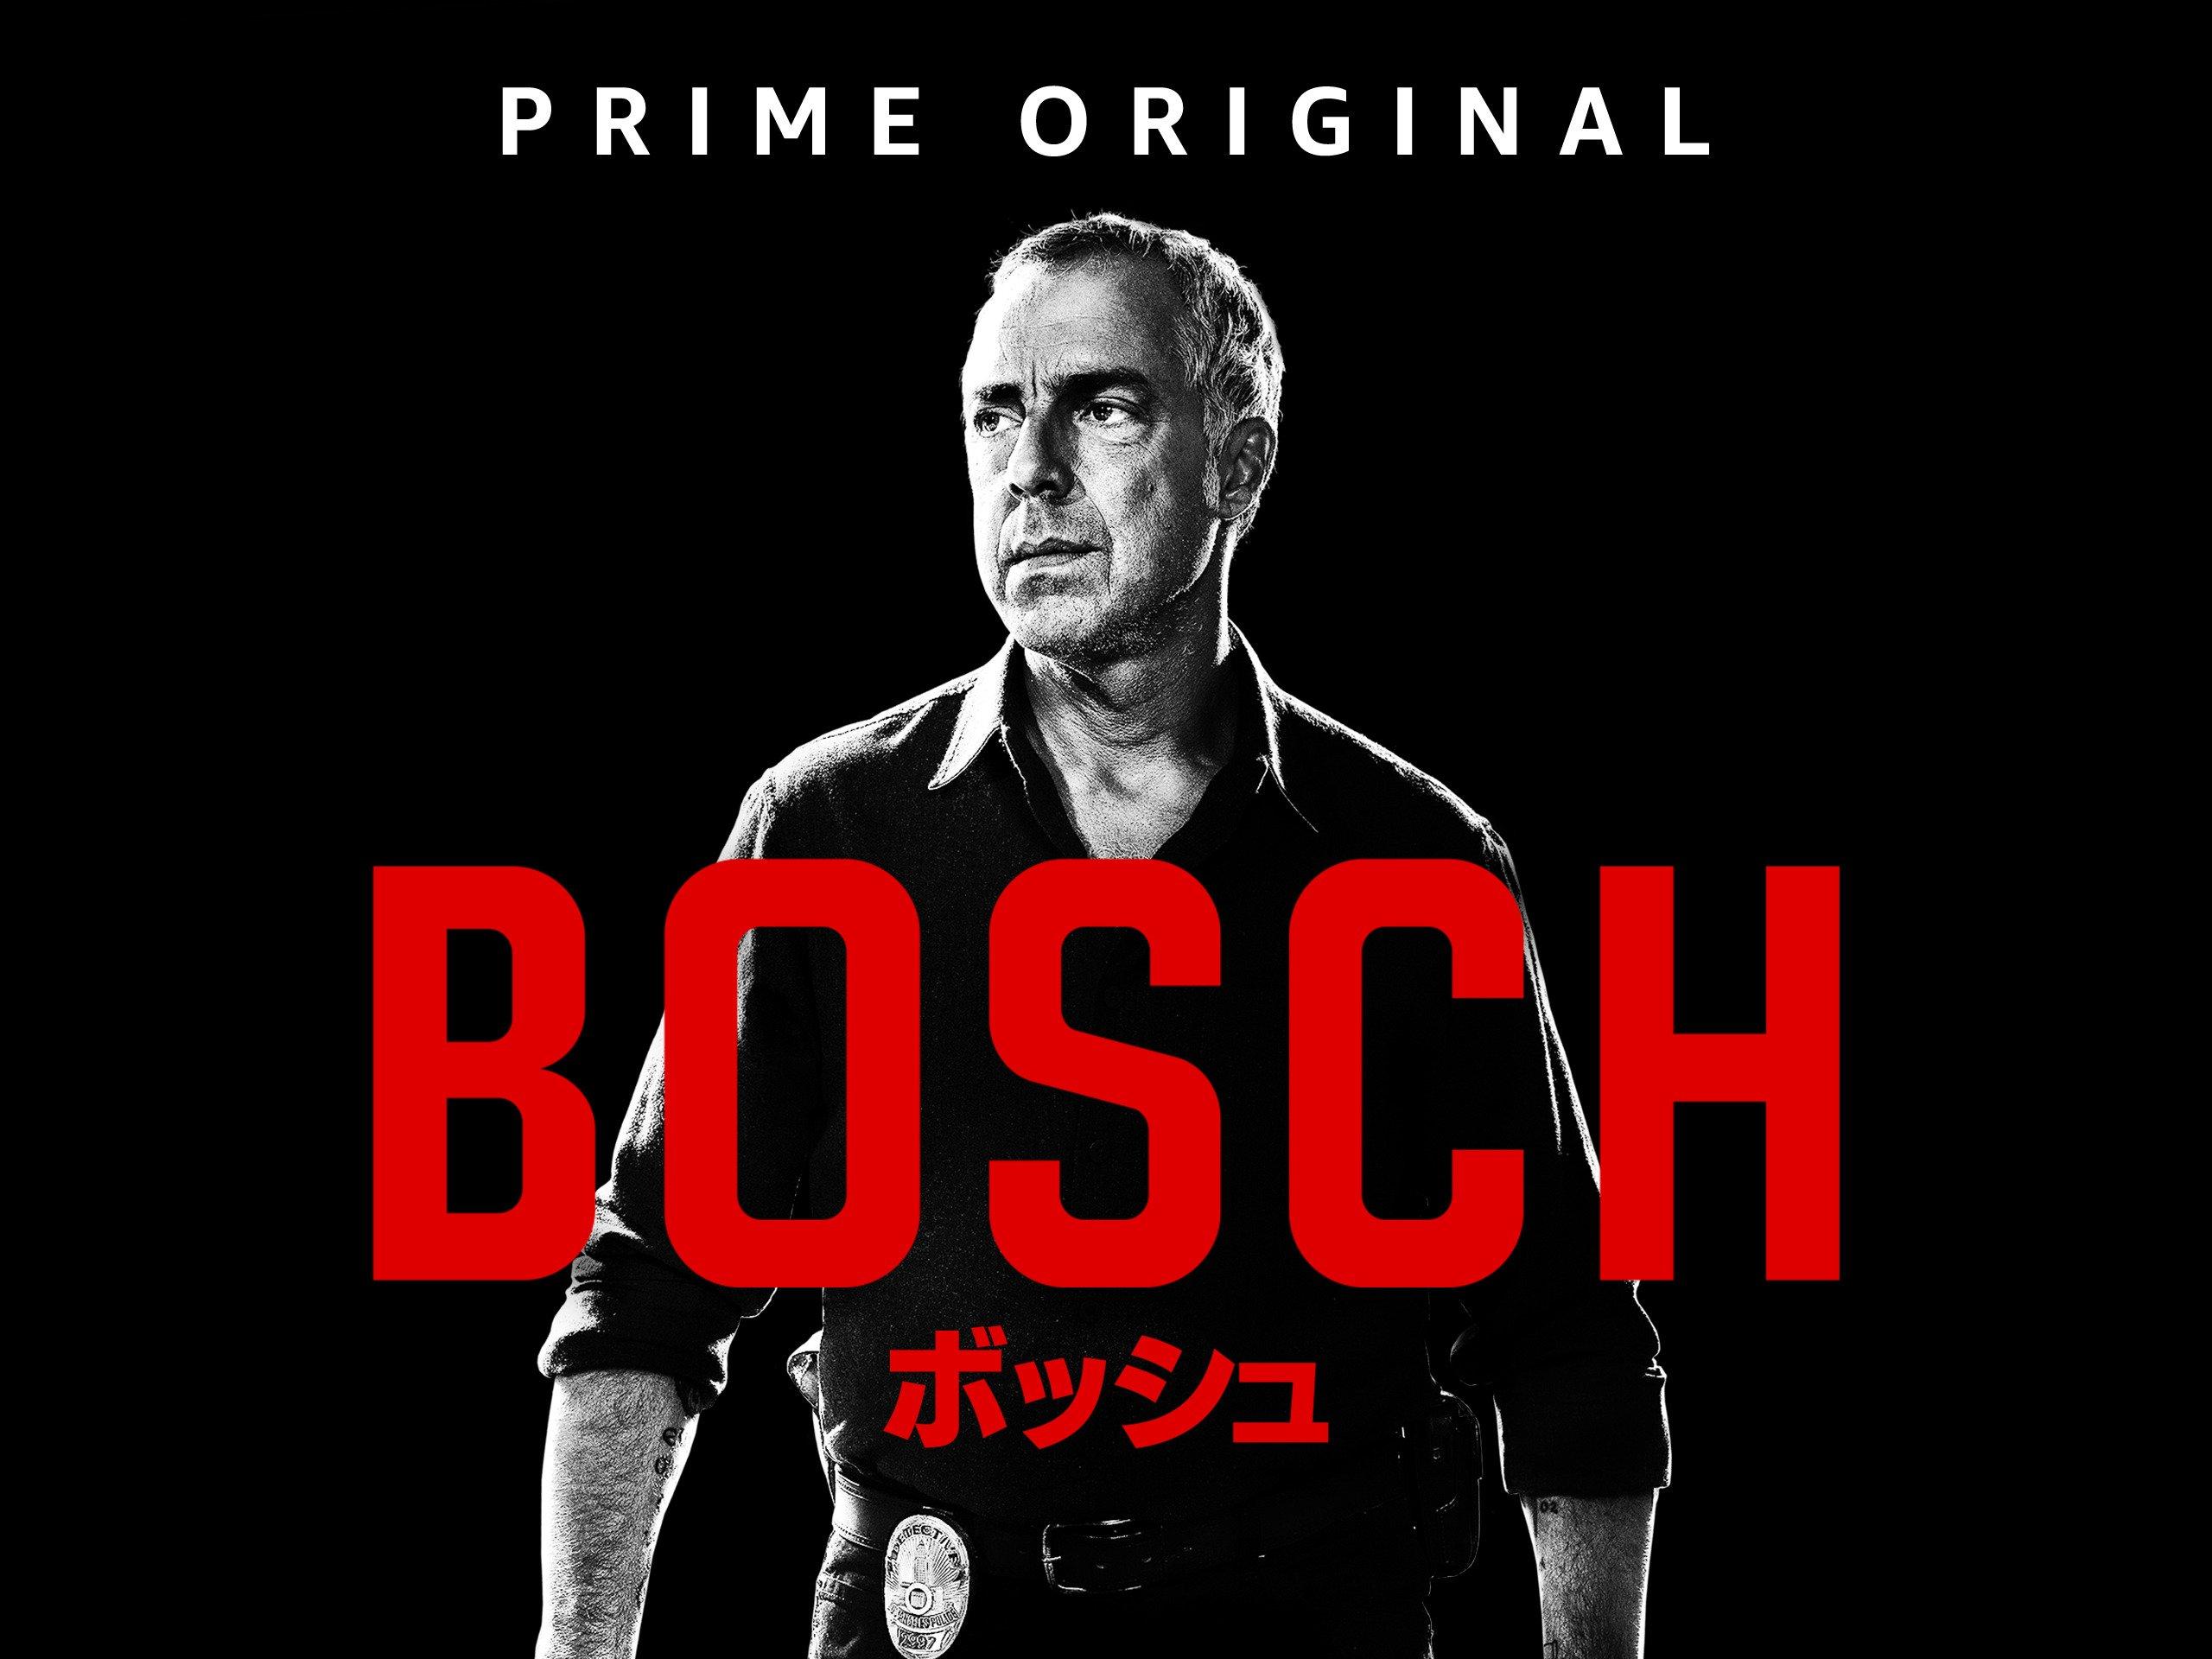 オリジナル海外ドラマ「BOSCH(ボッシュ)」をAmazonプライムビデオで無料視聴!【作品紹介とレビュー】